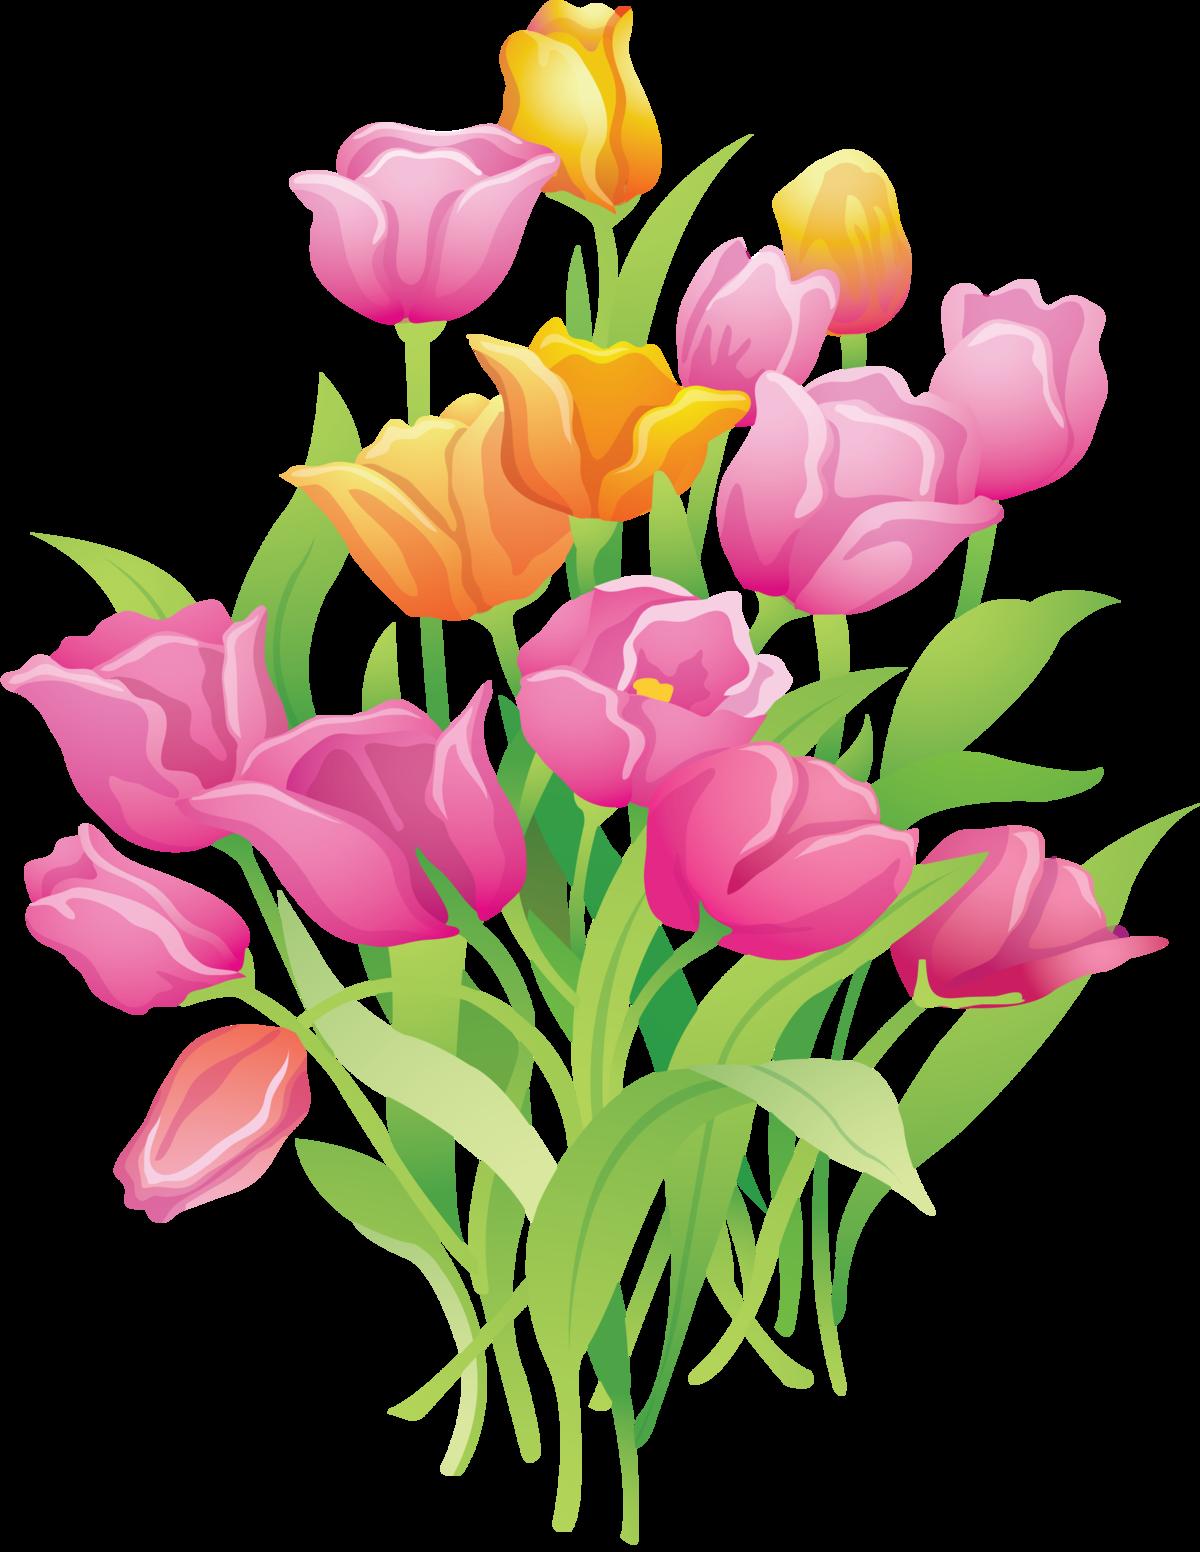 Букет тюльпанов картинки для детей, эро